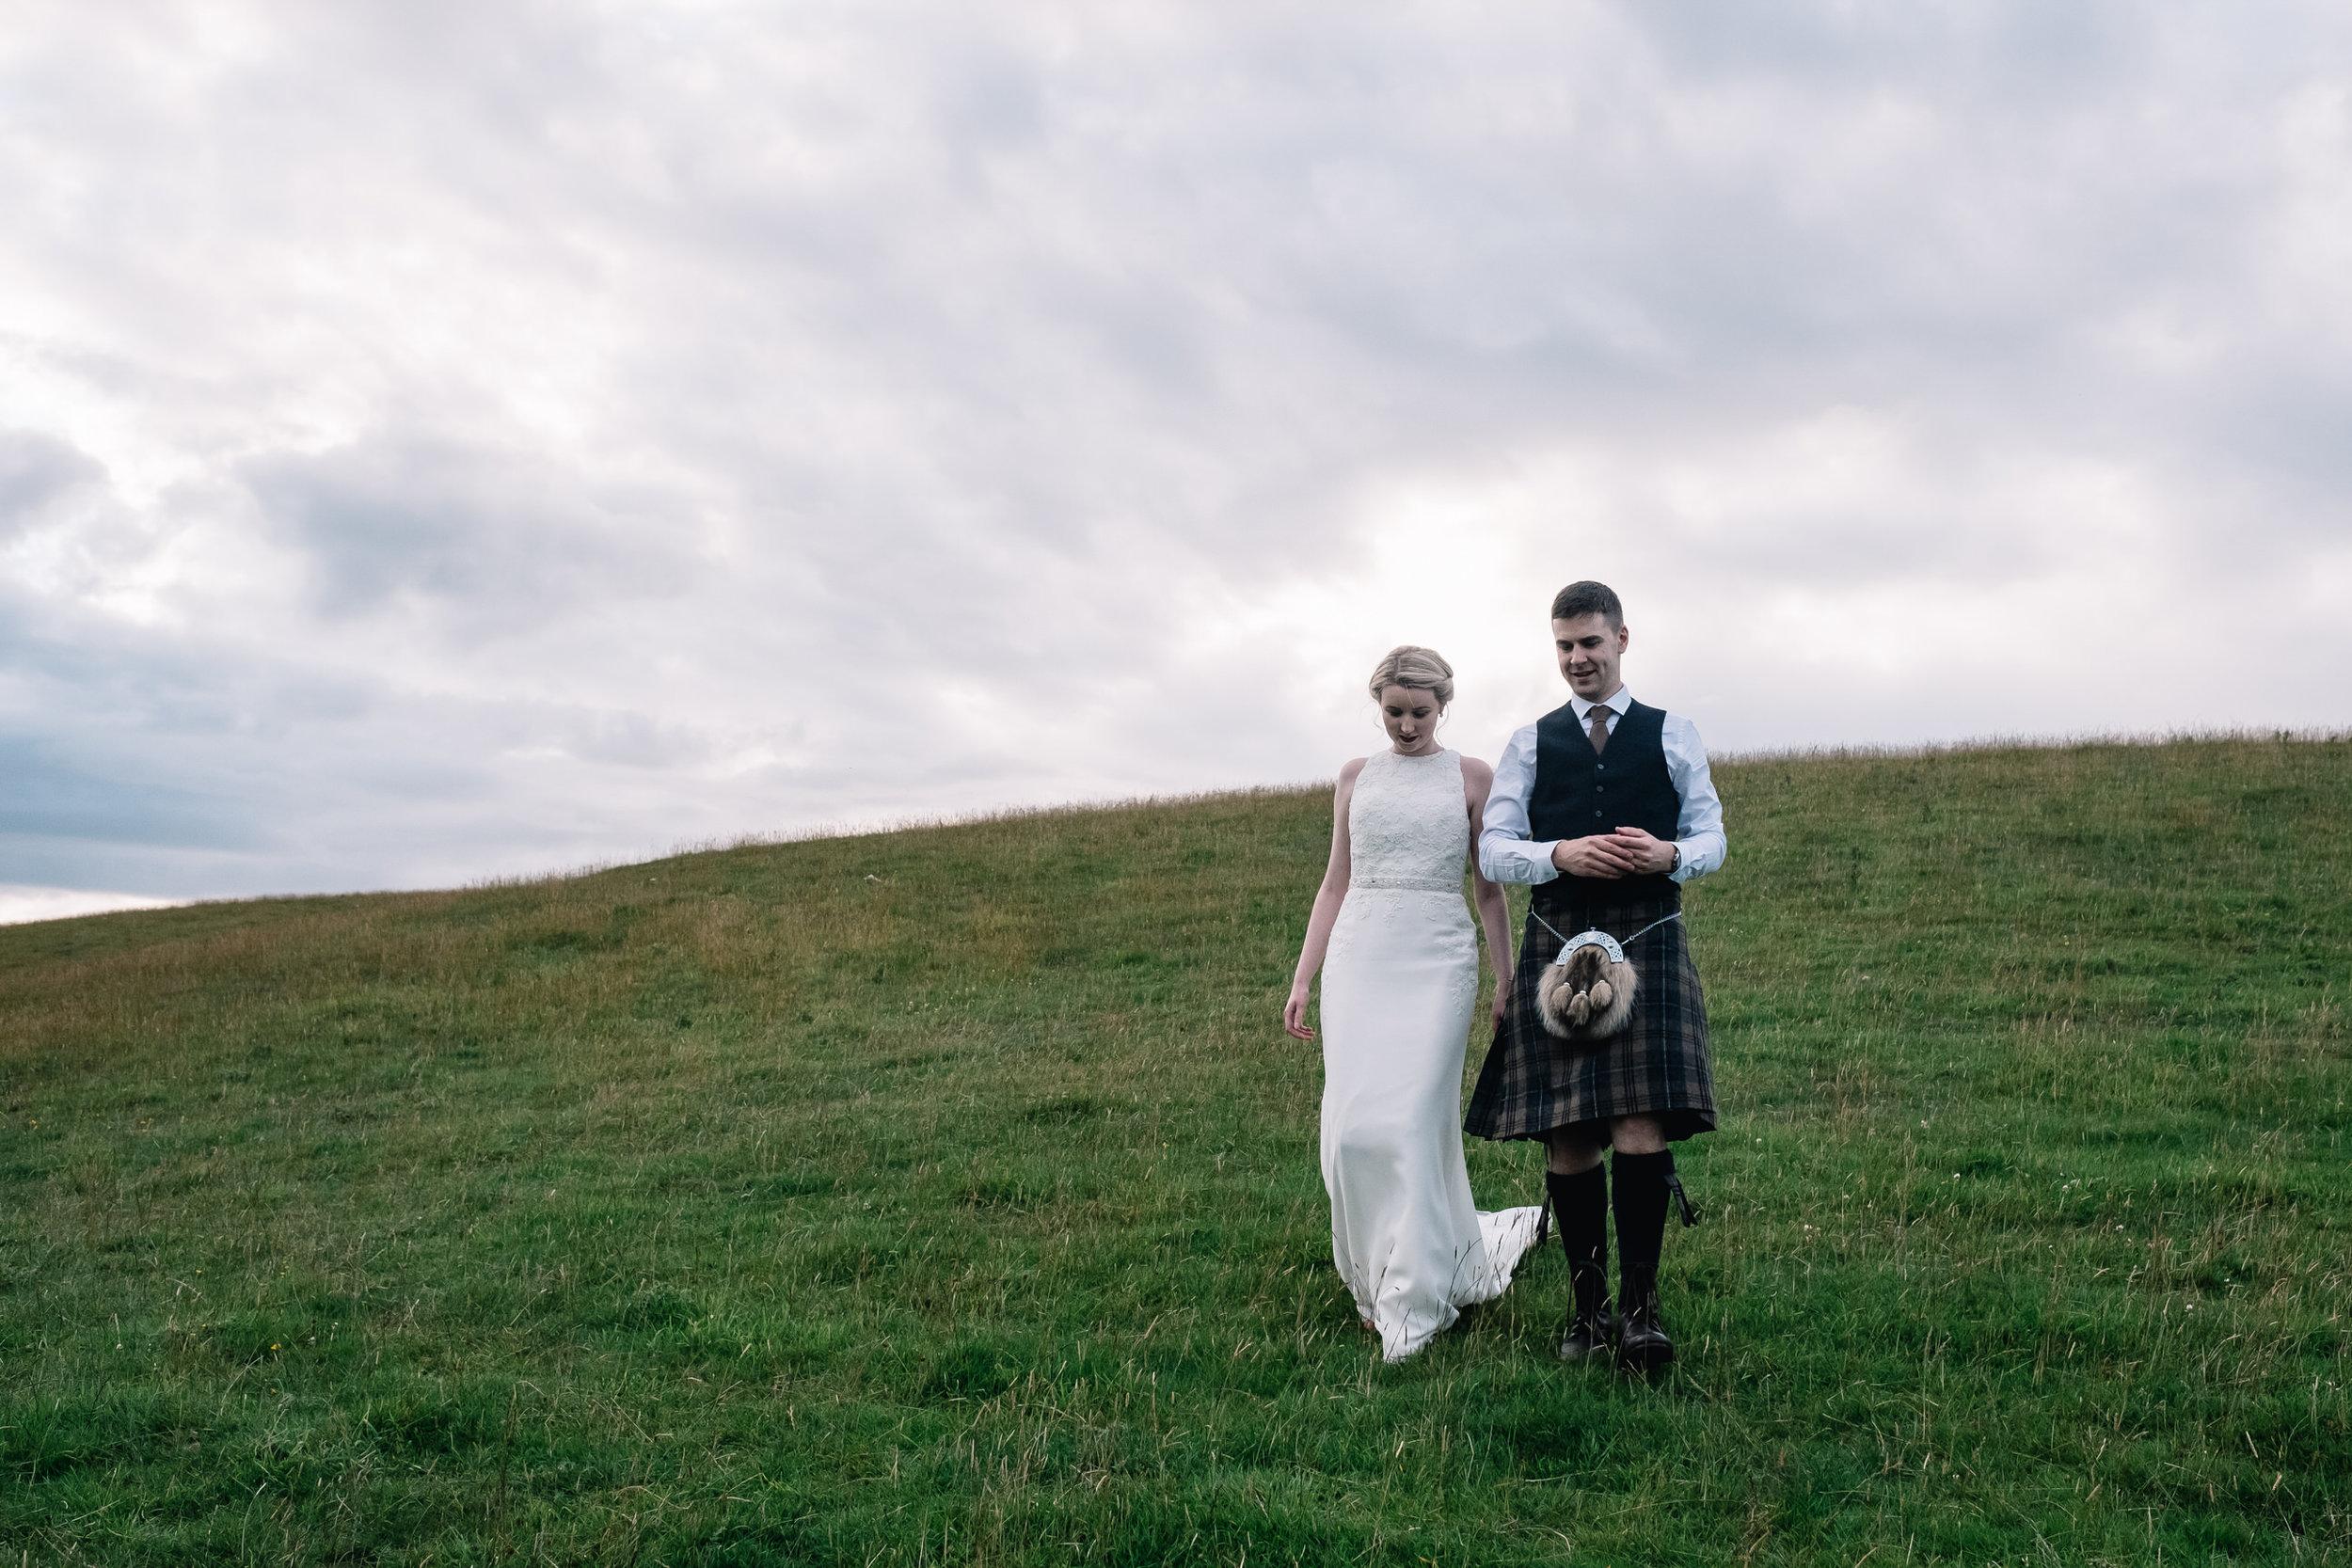 Bride and groom descend hillside side by side